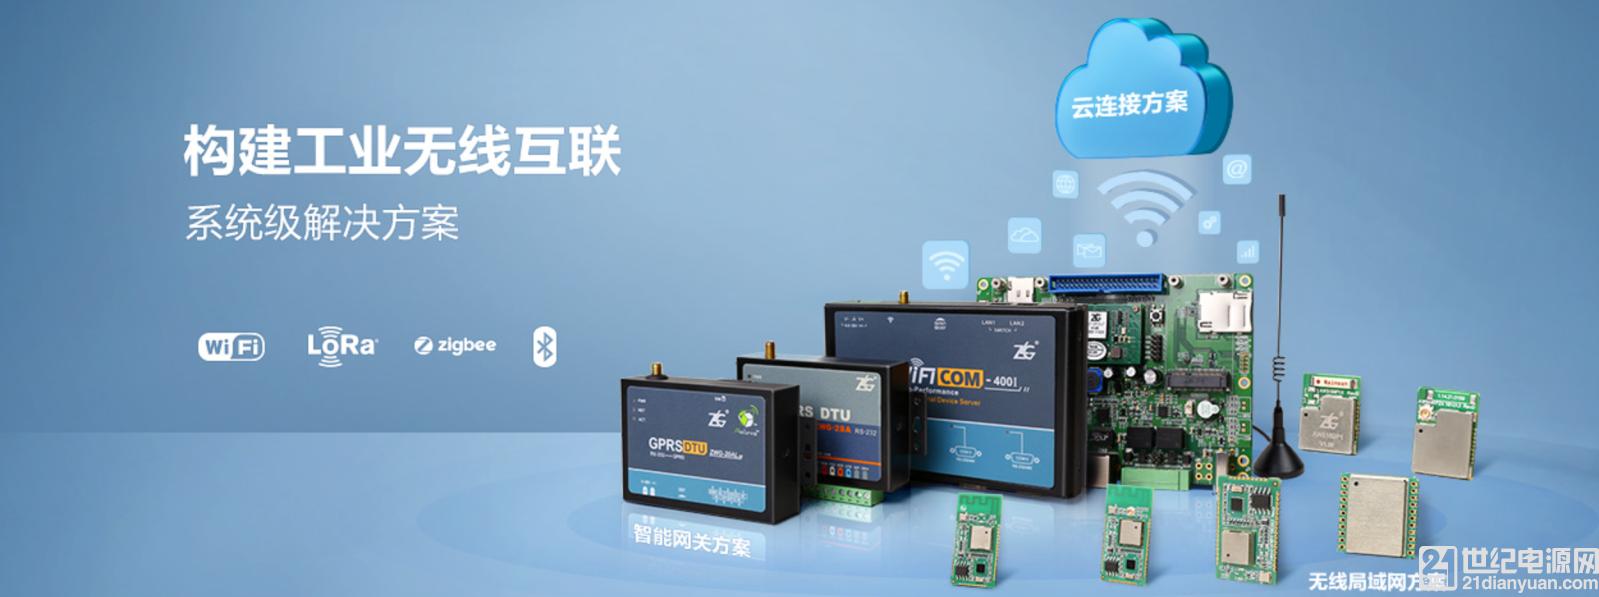 传统工业领域有线通讯的无线化应用